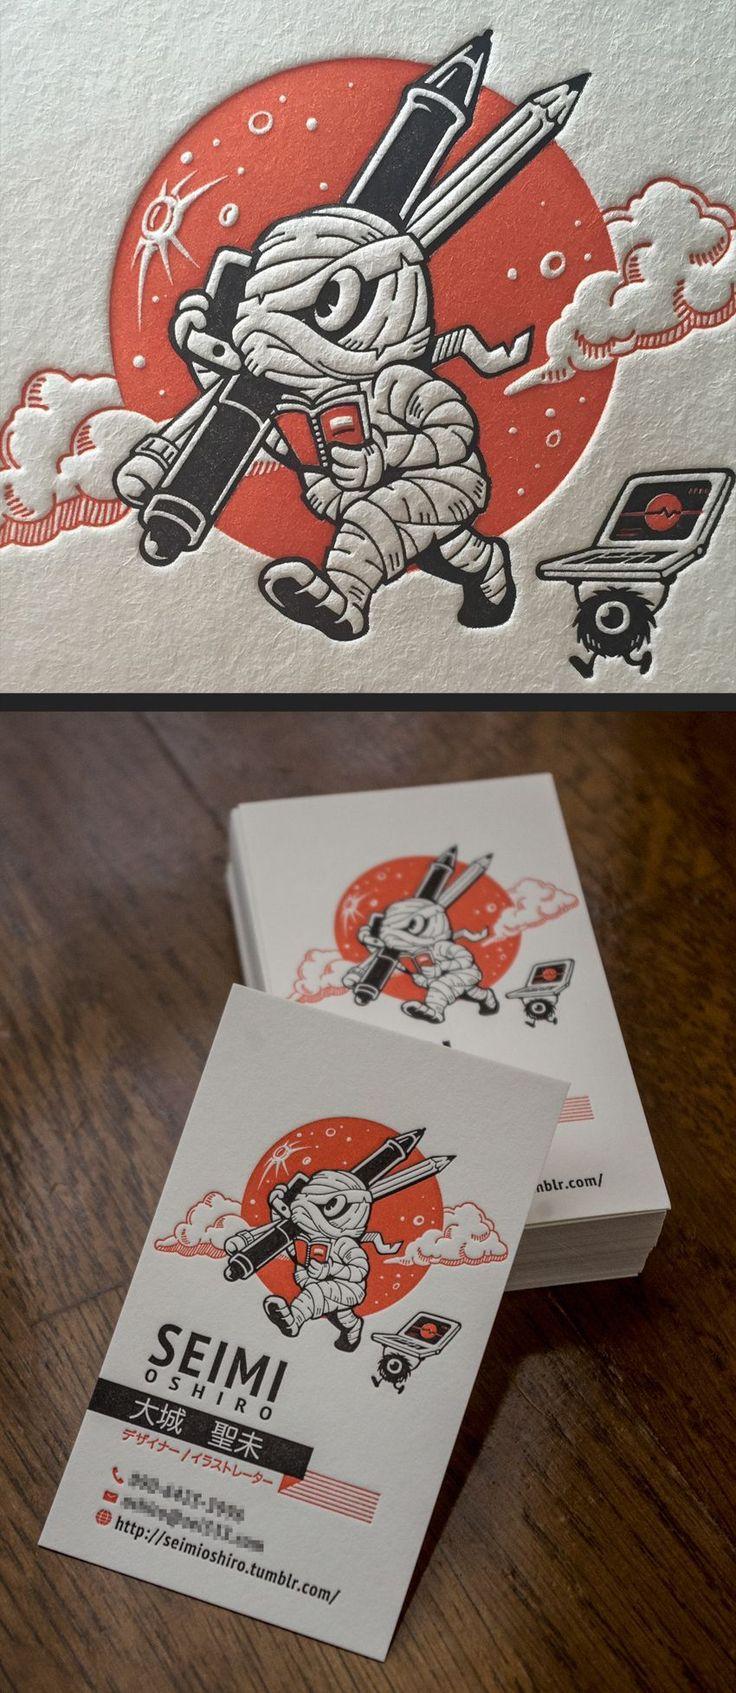 Best 25+ Business card maker ideas on Pinterest | Card maker, Art ...